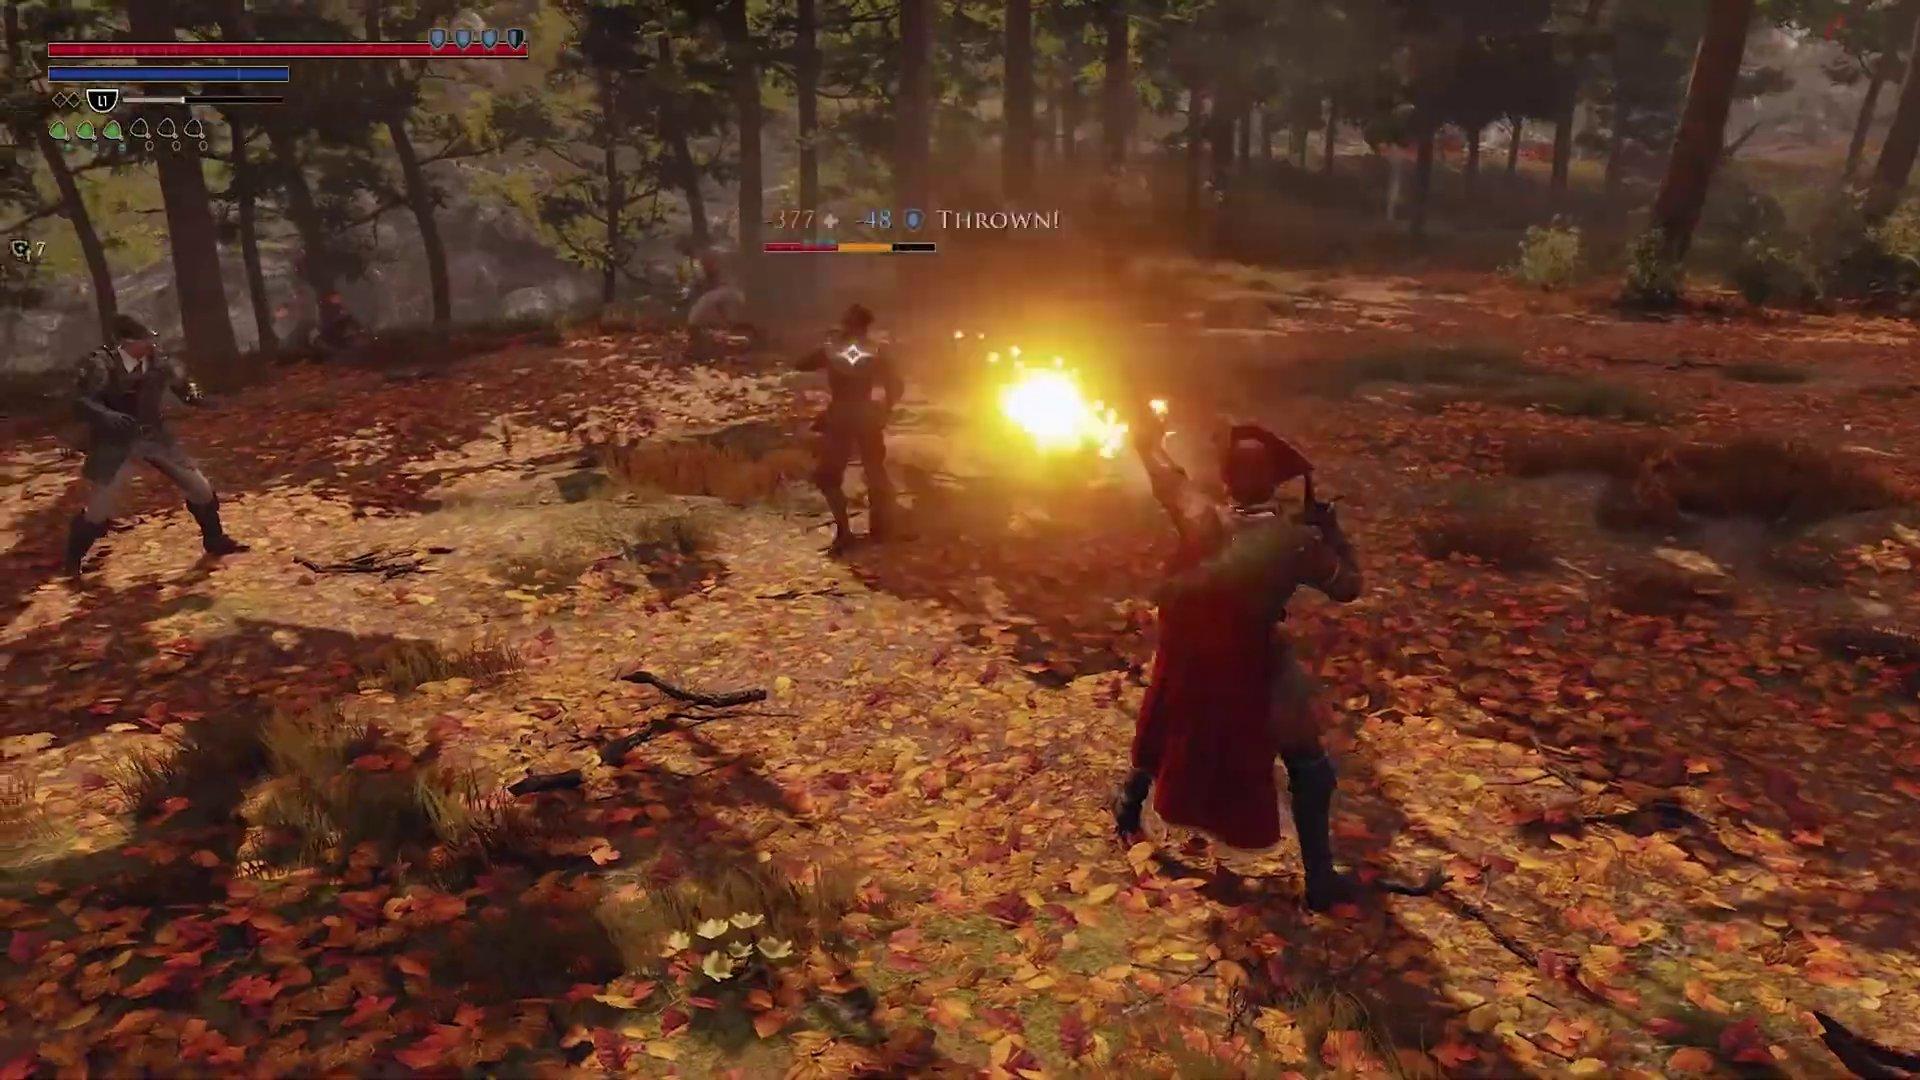 Лучшая Action/RPG 2019 года с закосом под Dragon Age. - Изображение 4